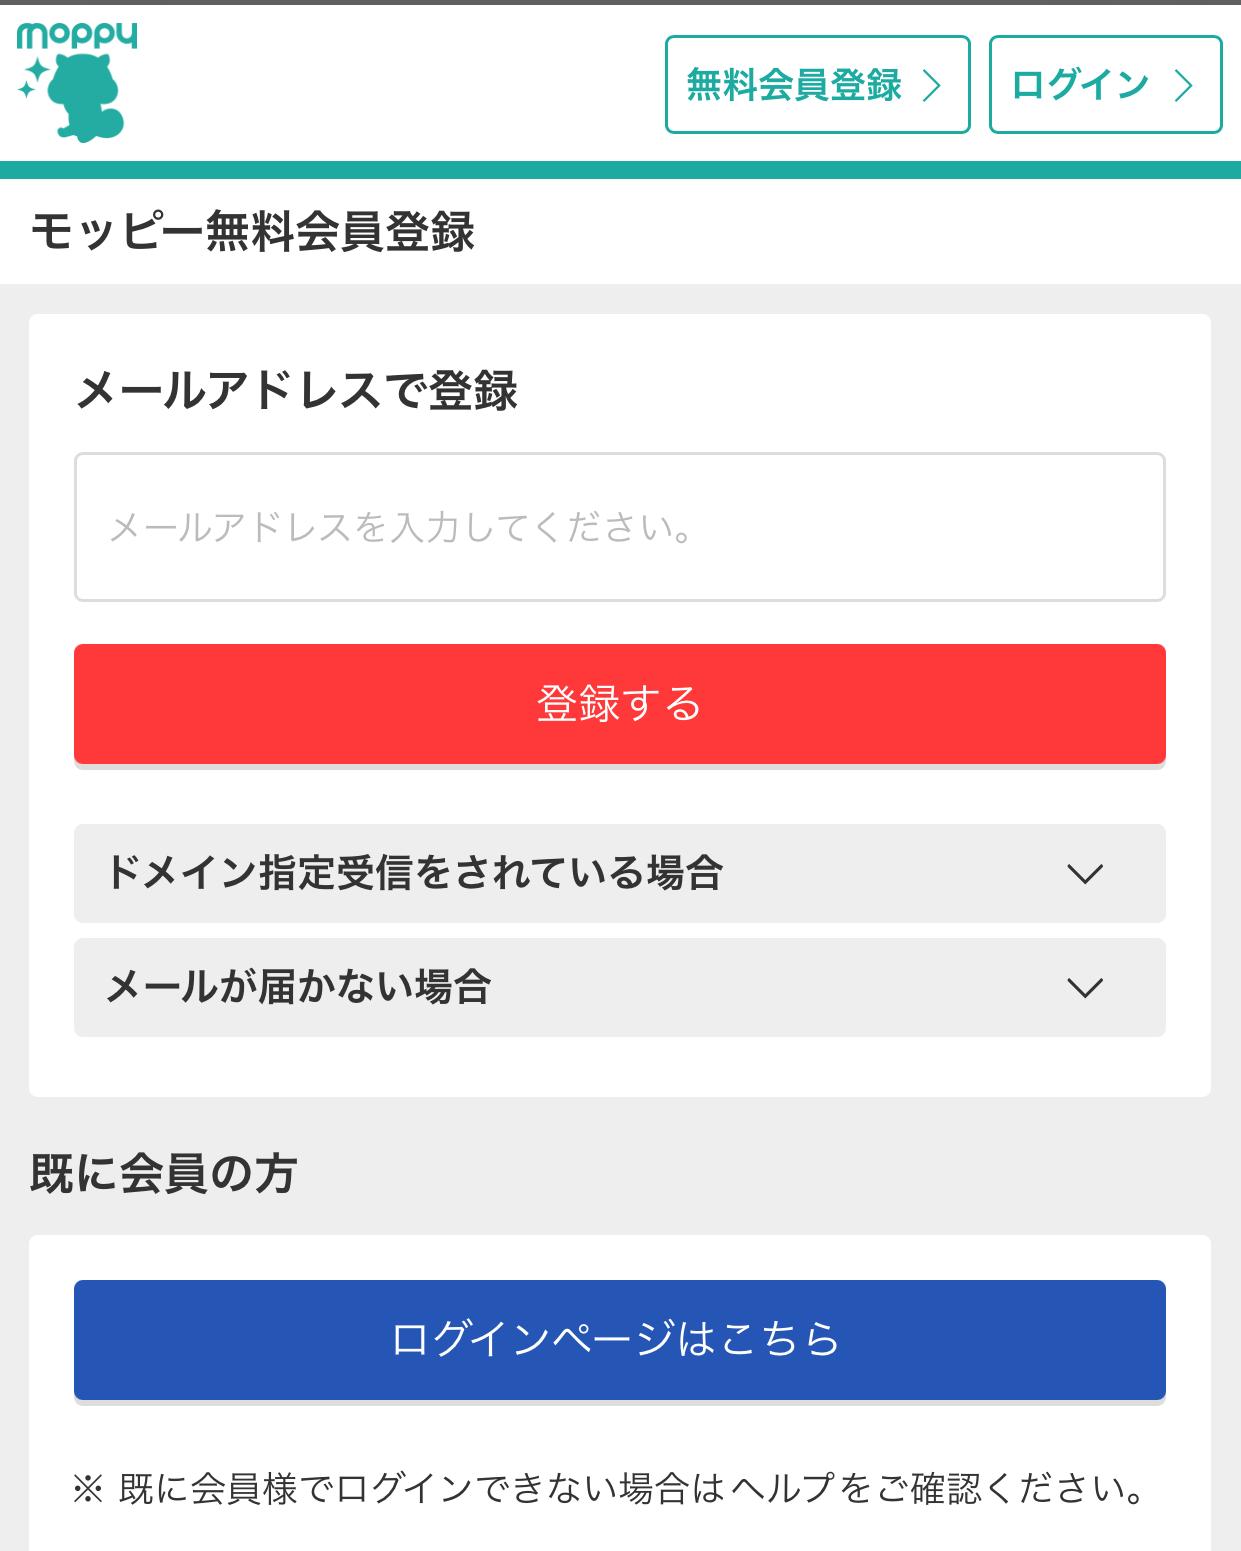 ステップ①:ポイントサイト「モッピー」に登録